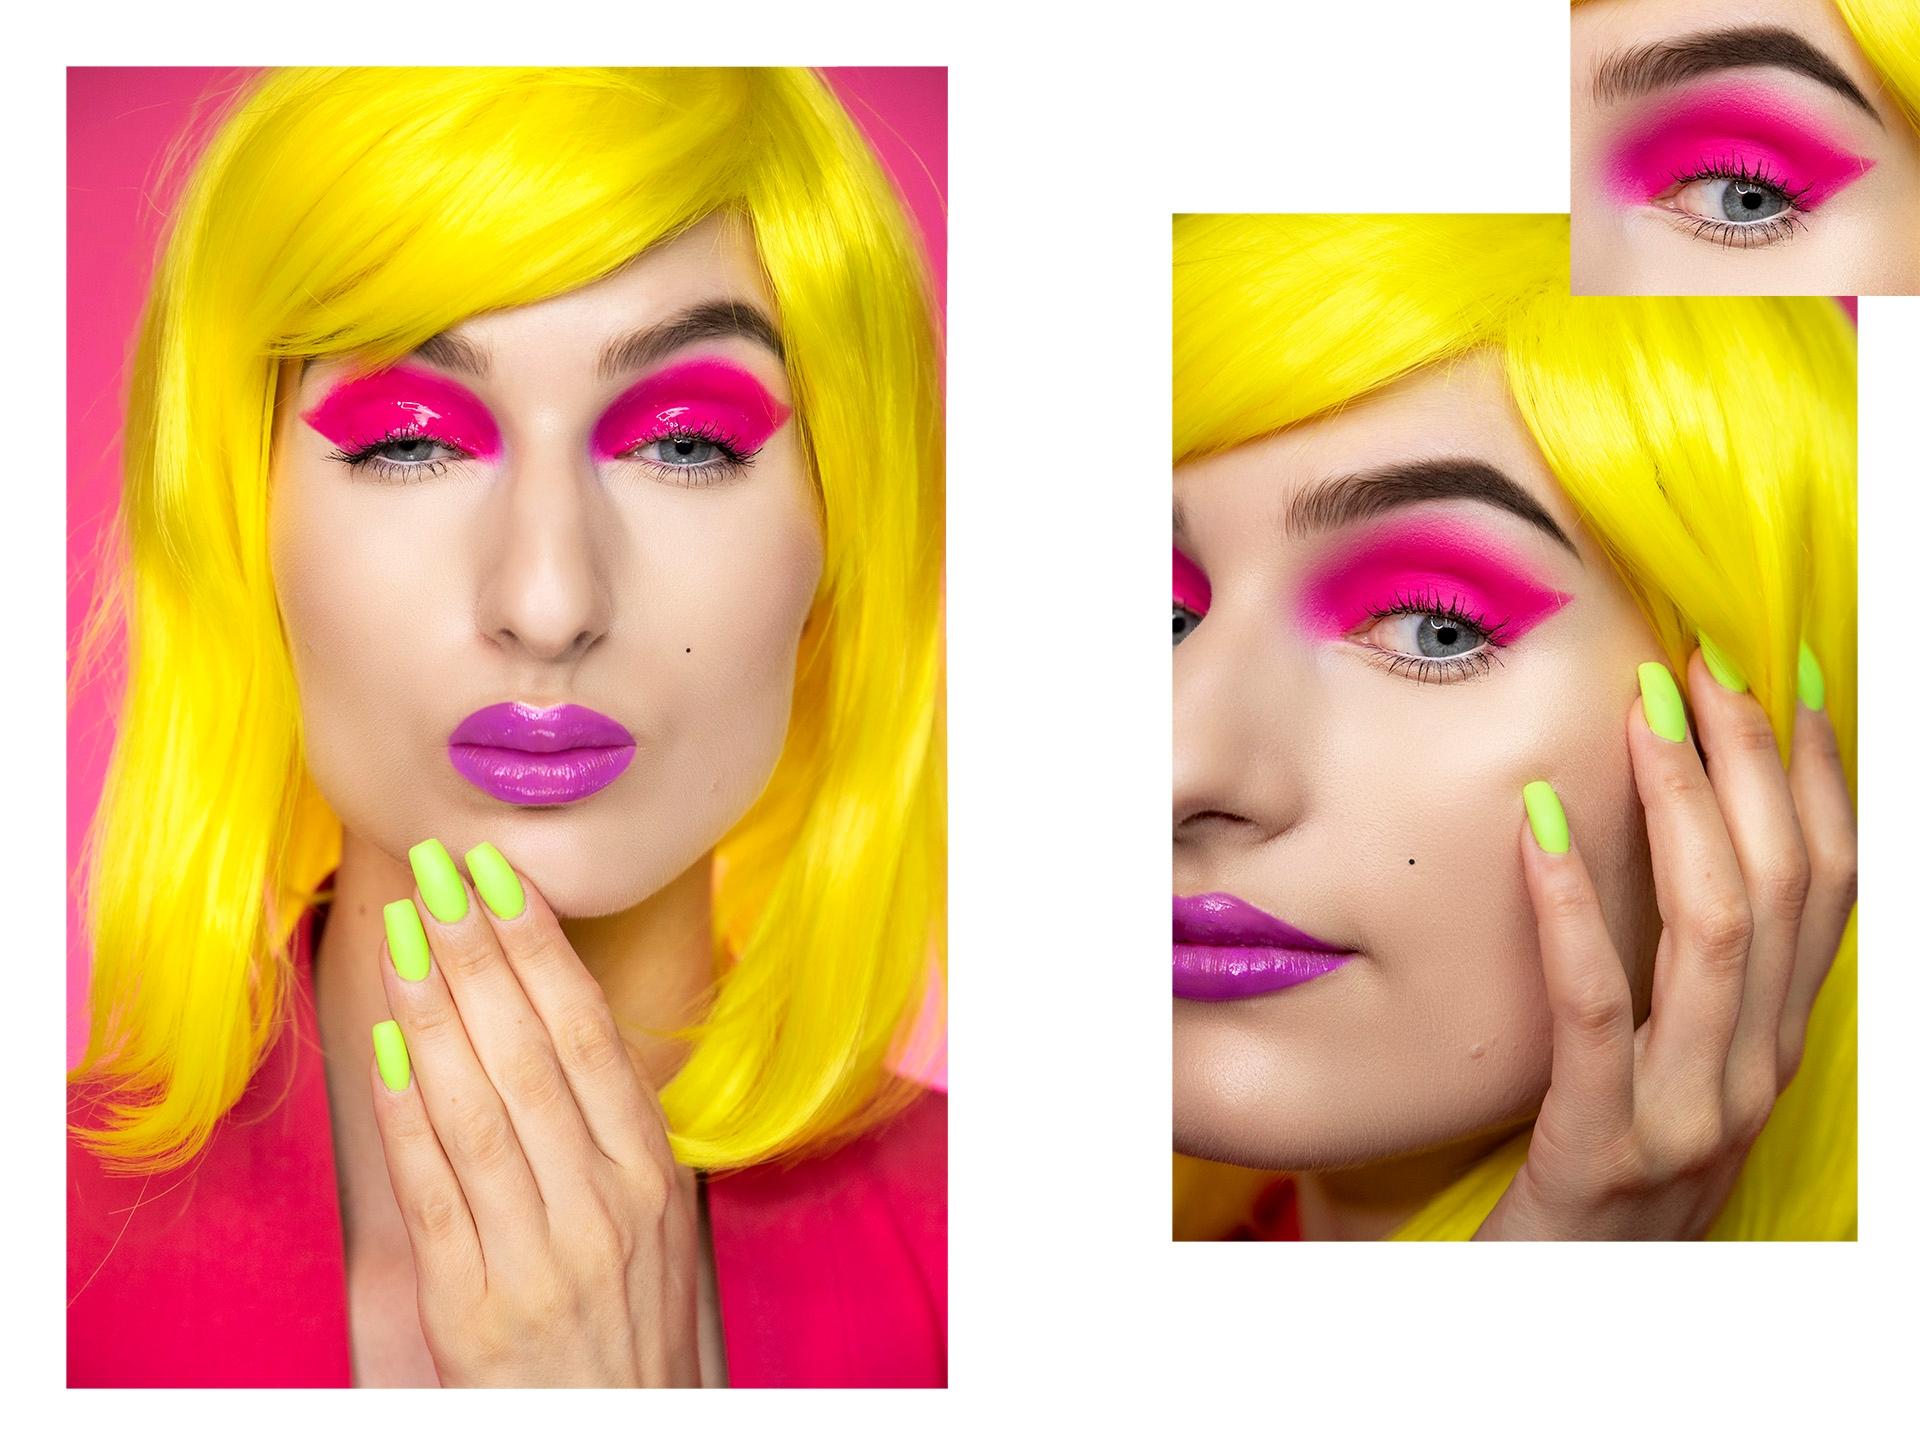 Obraz przedstawia zdjęcia kobiety w intensywnym makijażu i żółtych włosach. Małe zdjęcie w prawym górnym rogu ukazuje zbliżenie na oko.